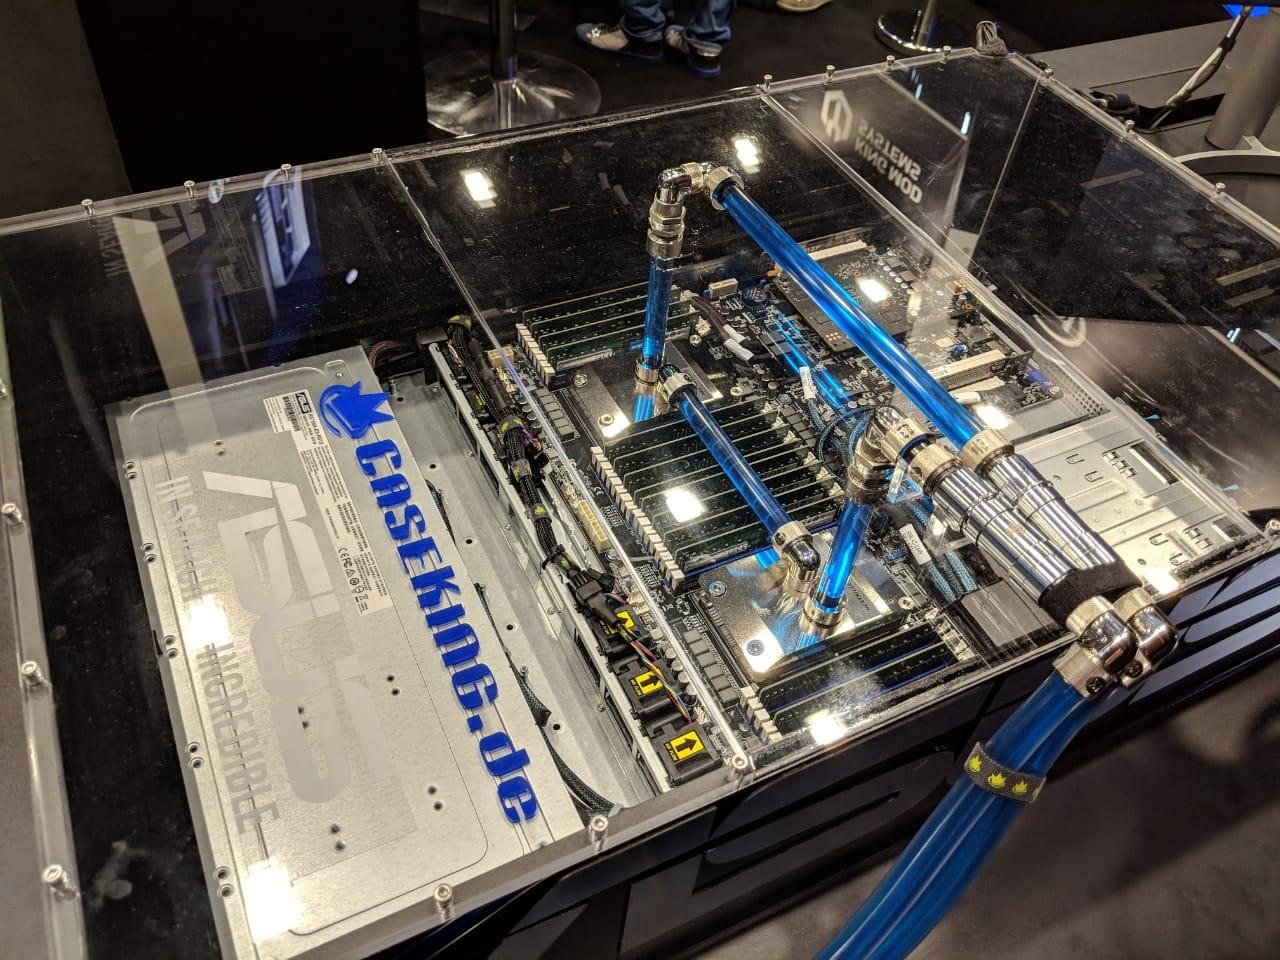 Así se ve el sistema doble socket mas rápido del mundo, ensamblado por Der8auer.